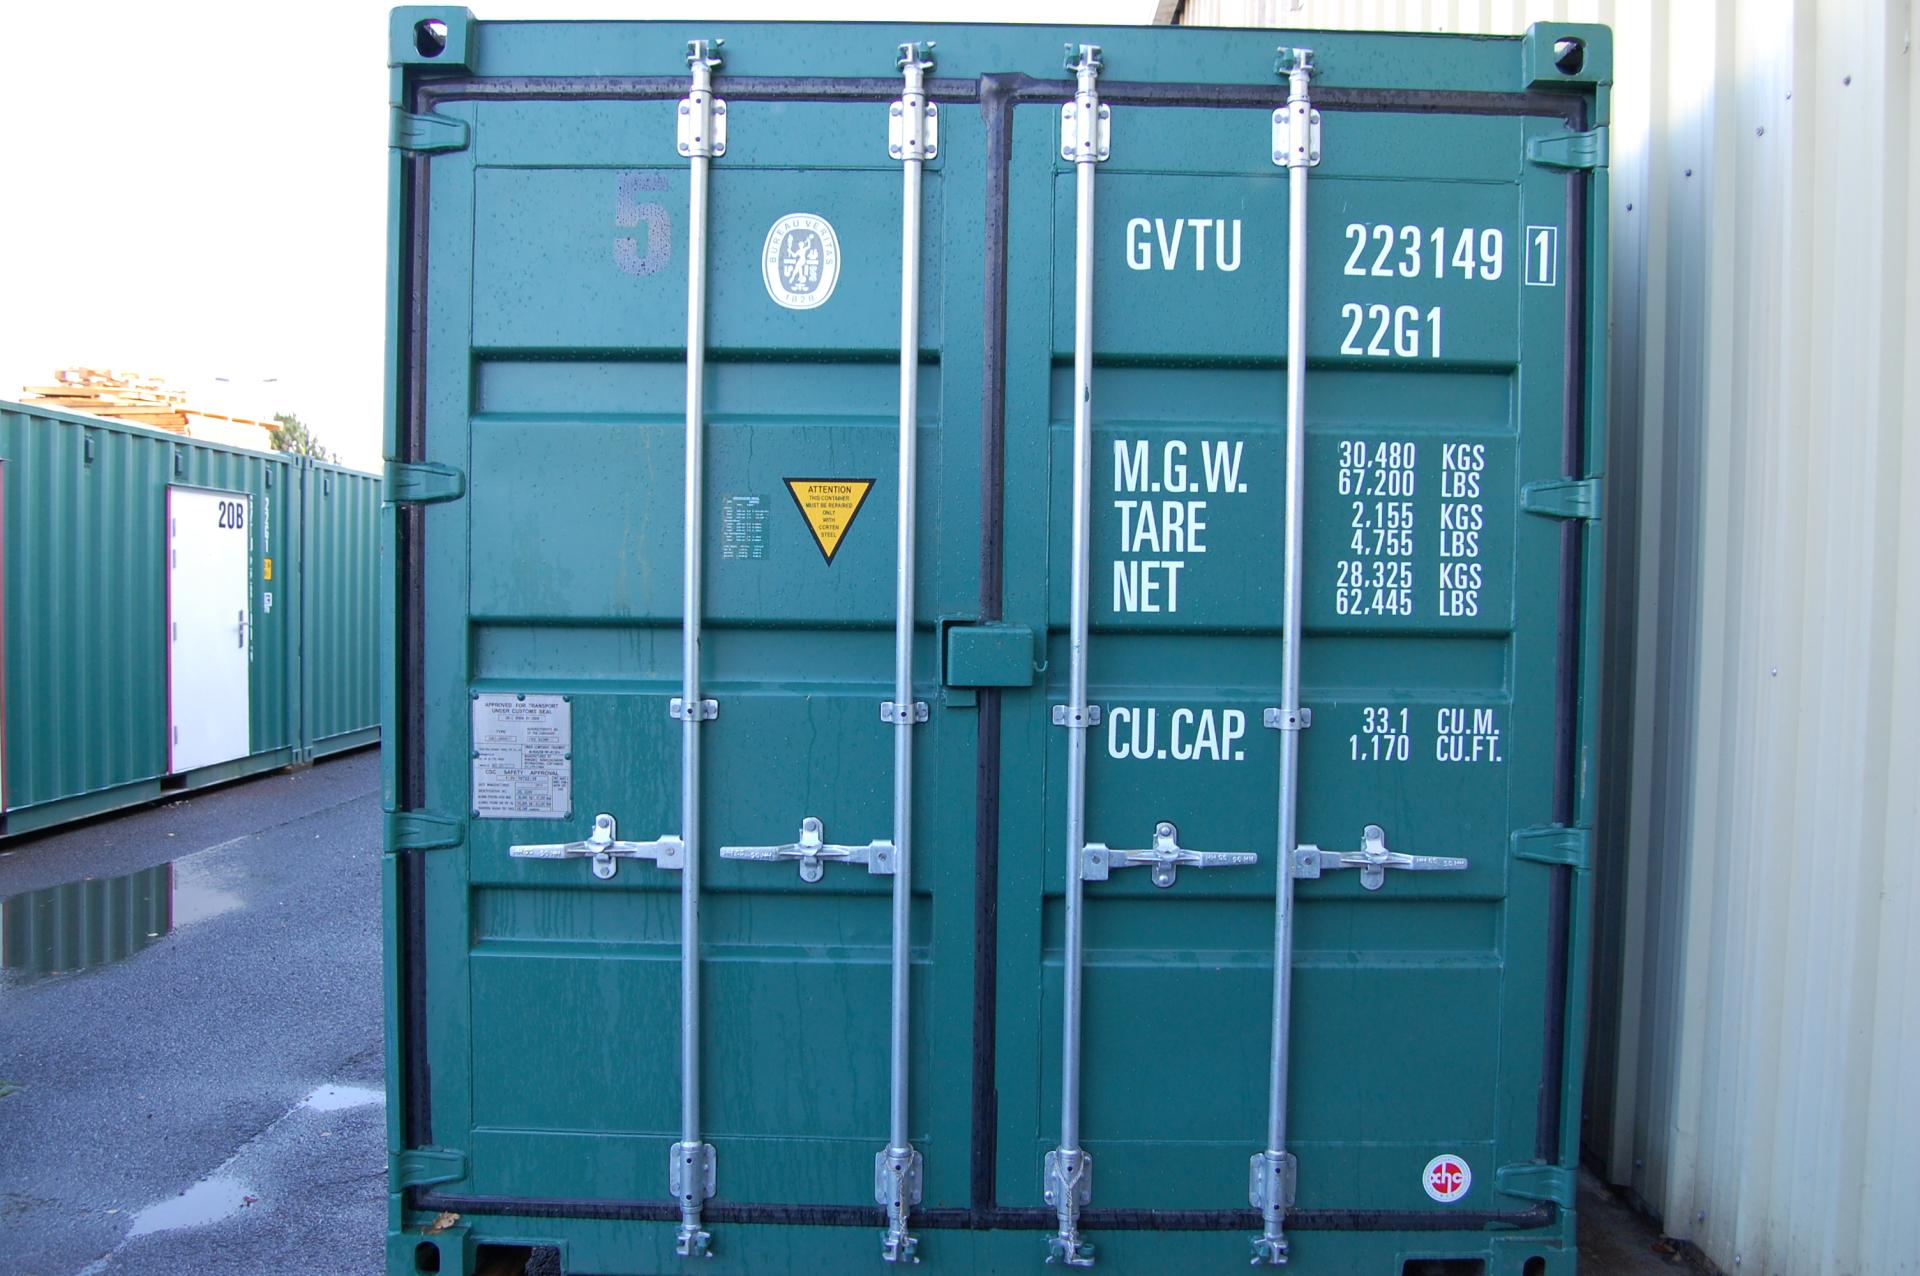 Unit container doors